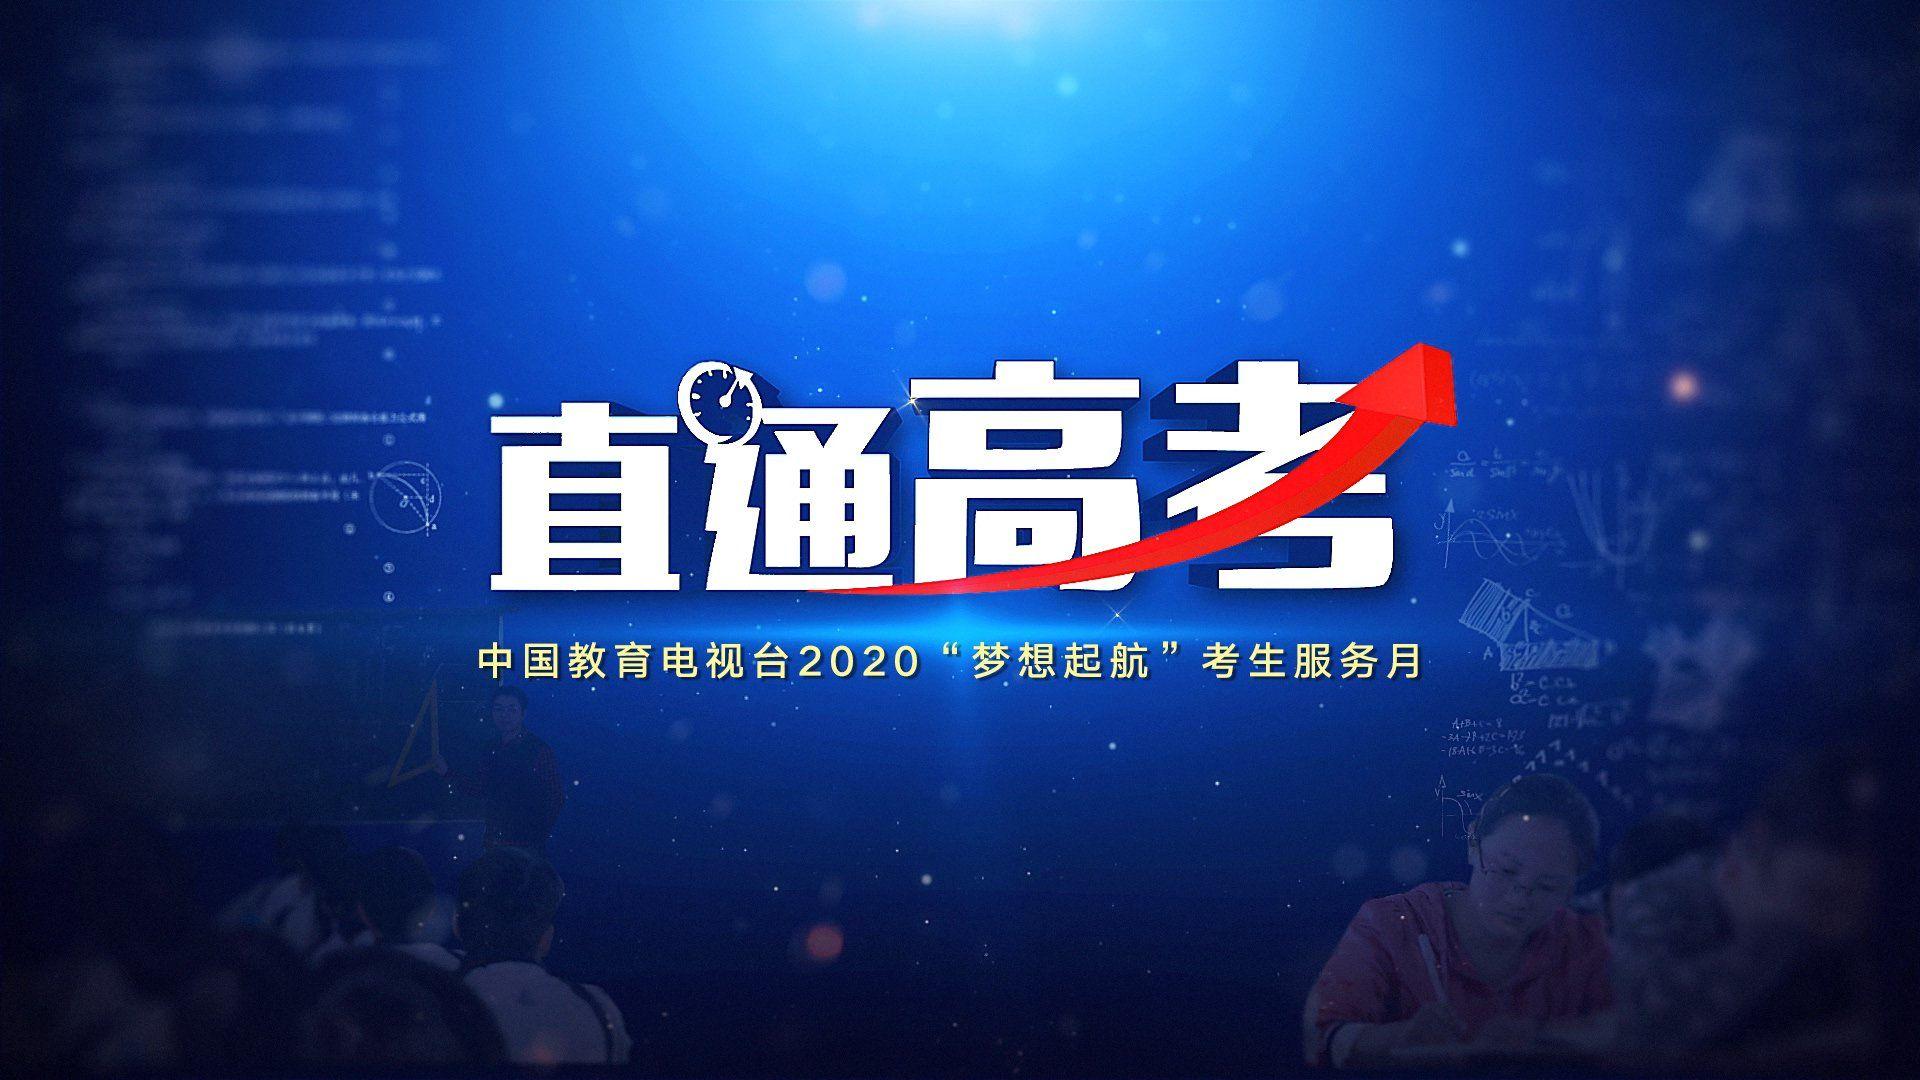 【专题】2020高考高招